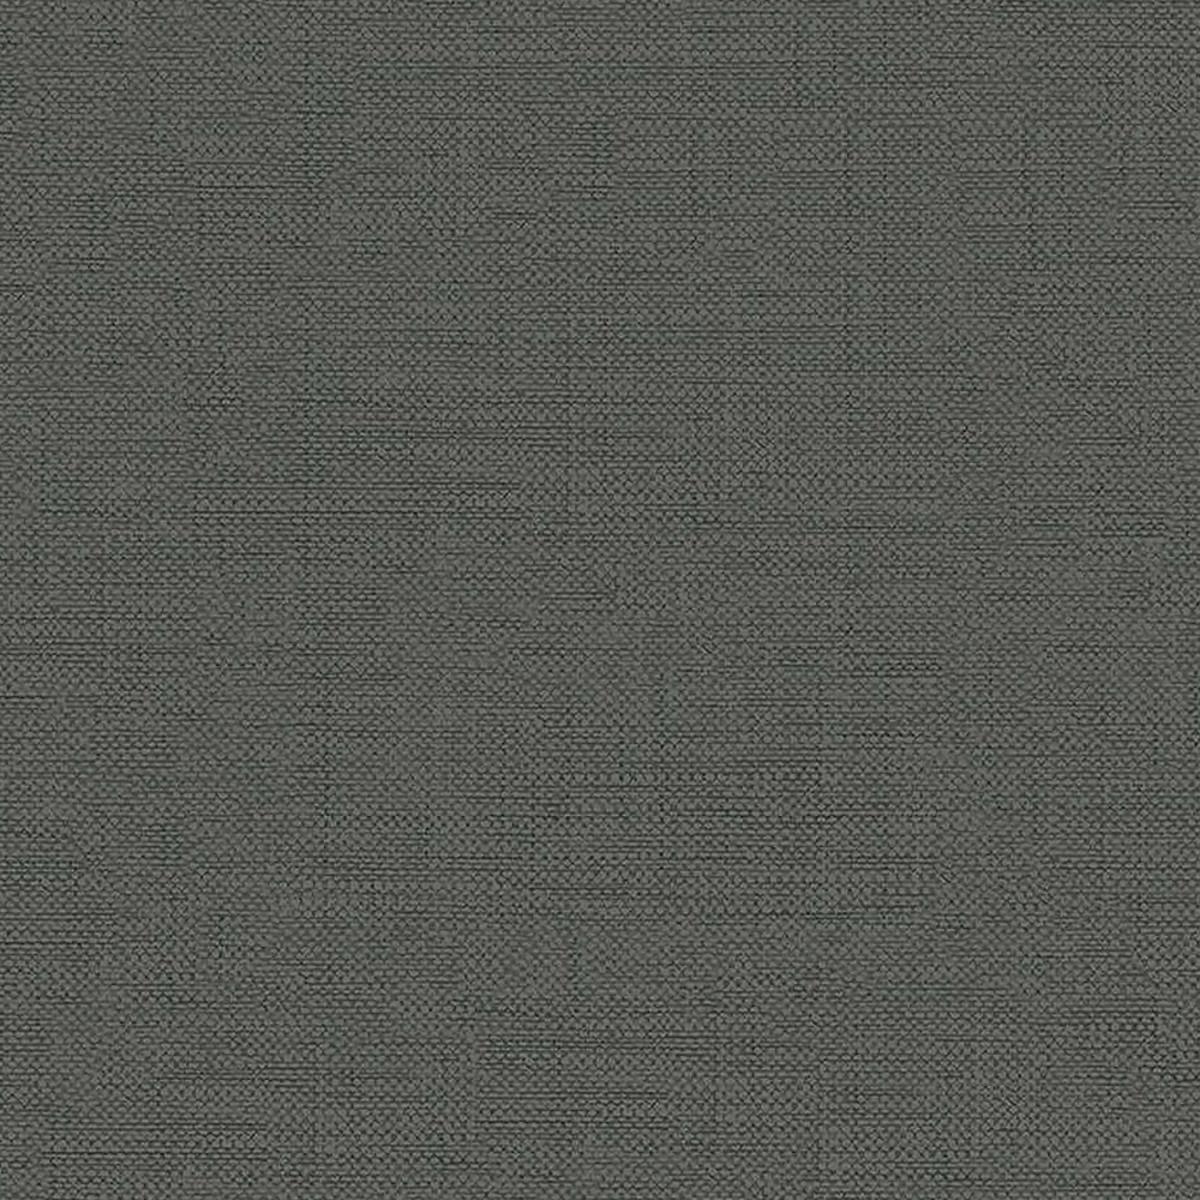 Обои виниловые Gaenari серые 1.06 м 87405-9